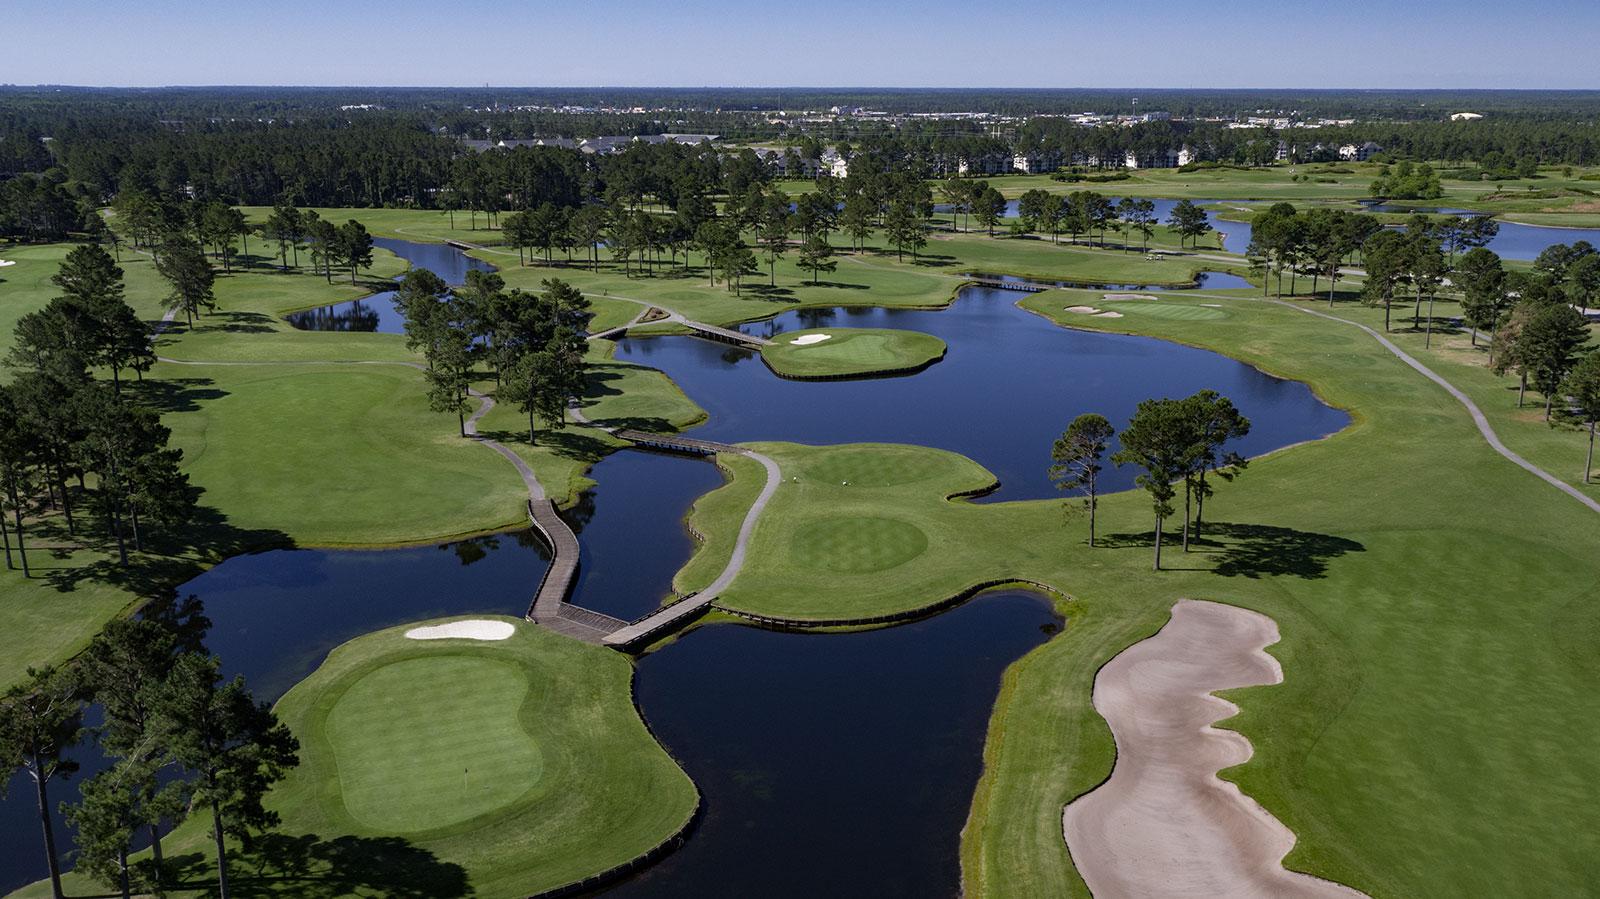 Man O' War Golf Club